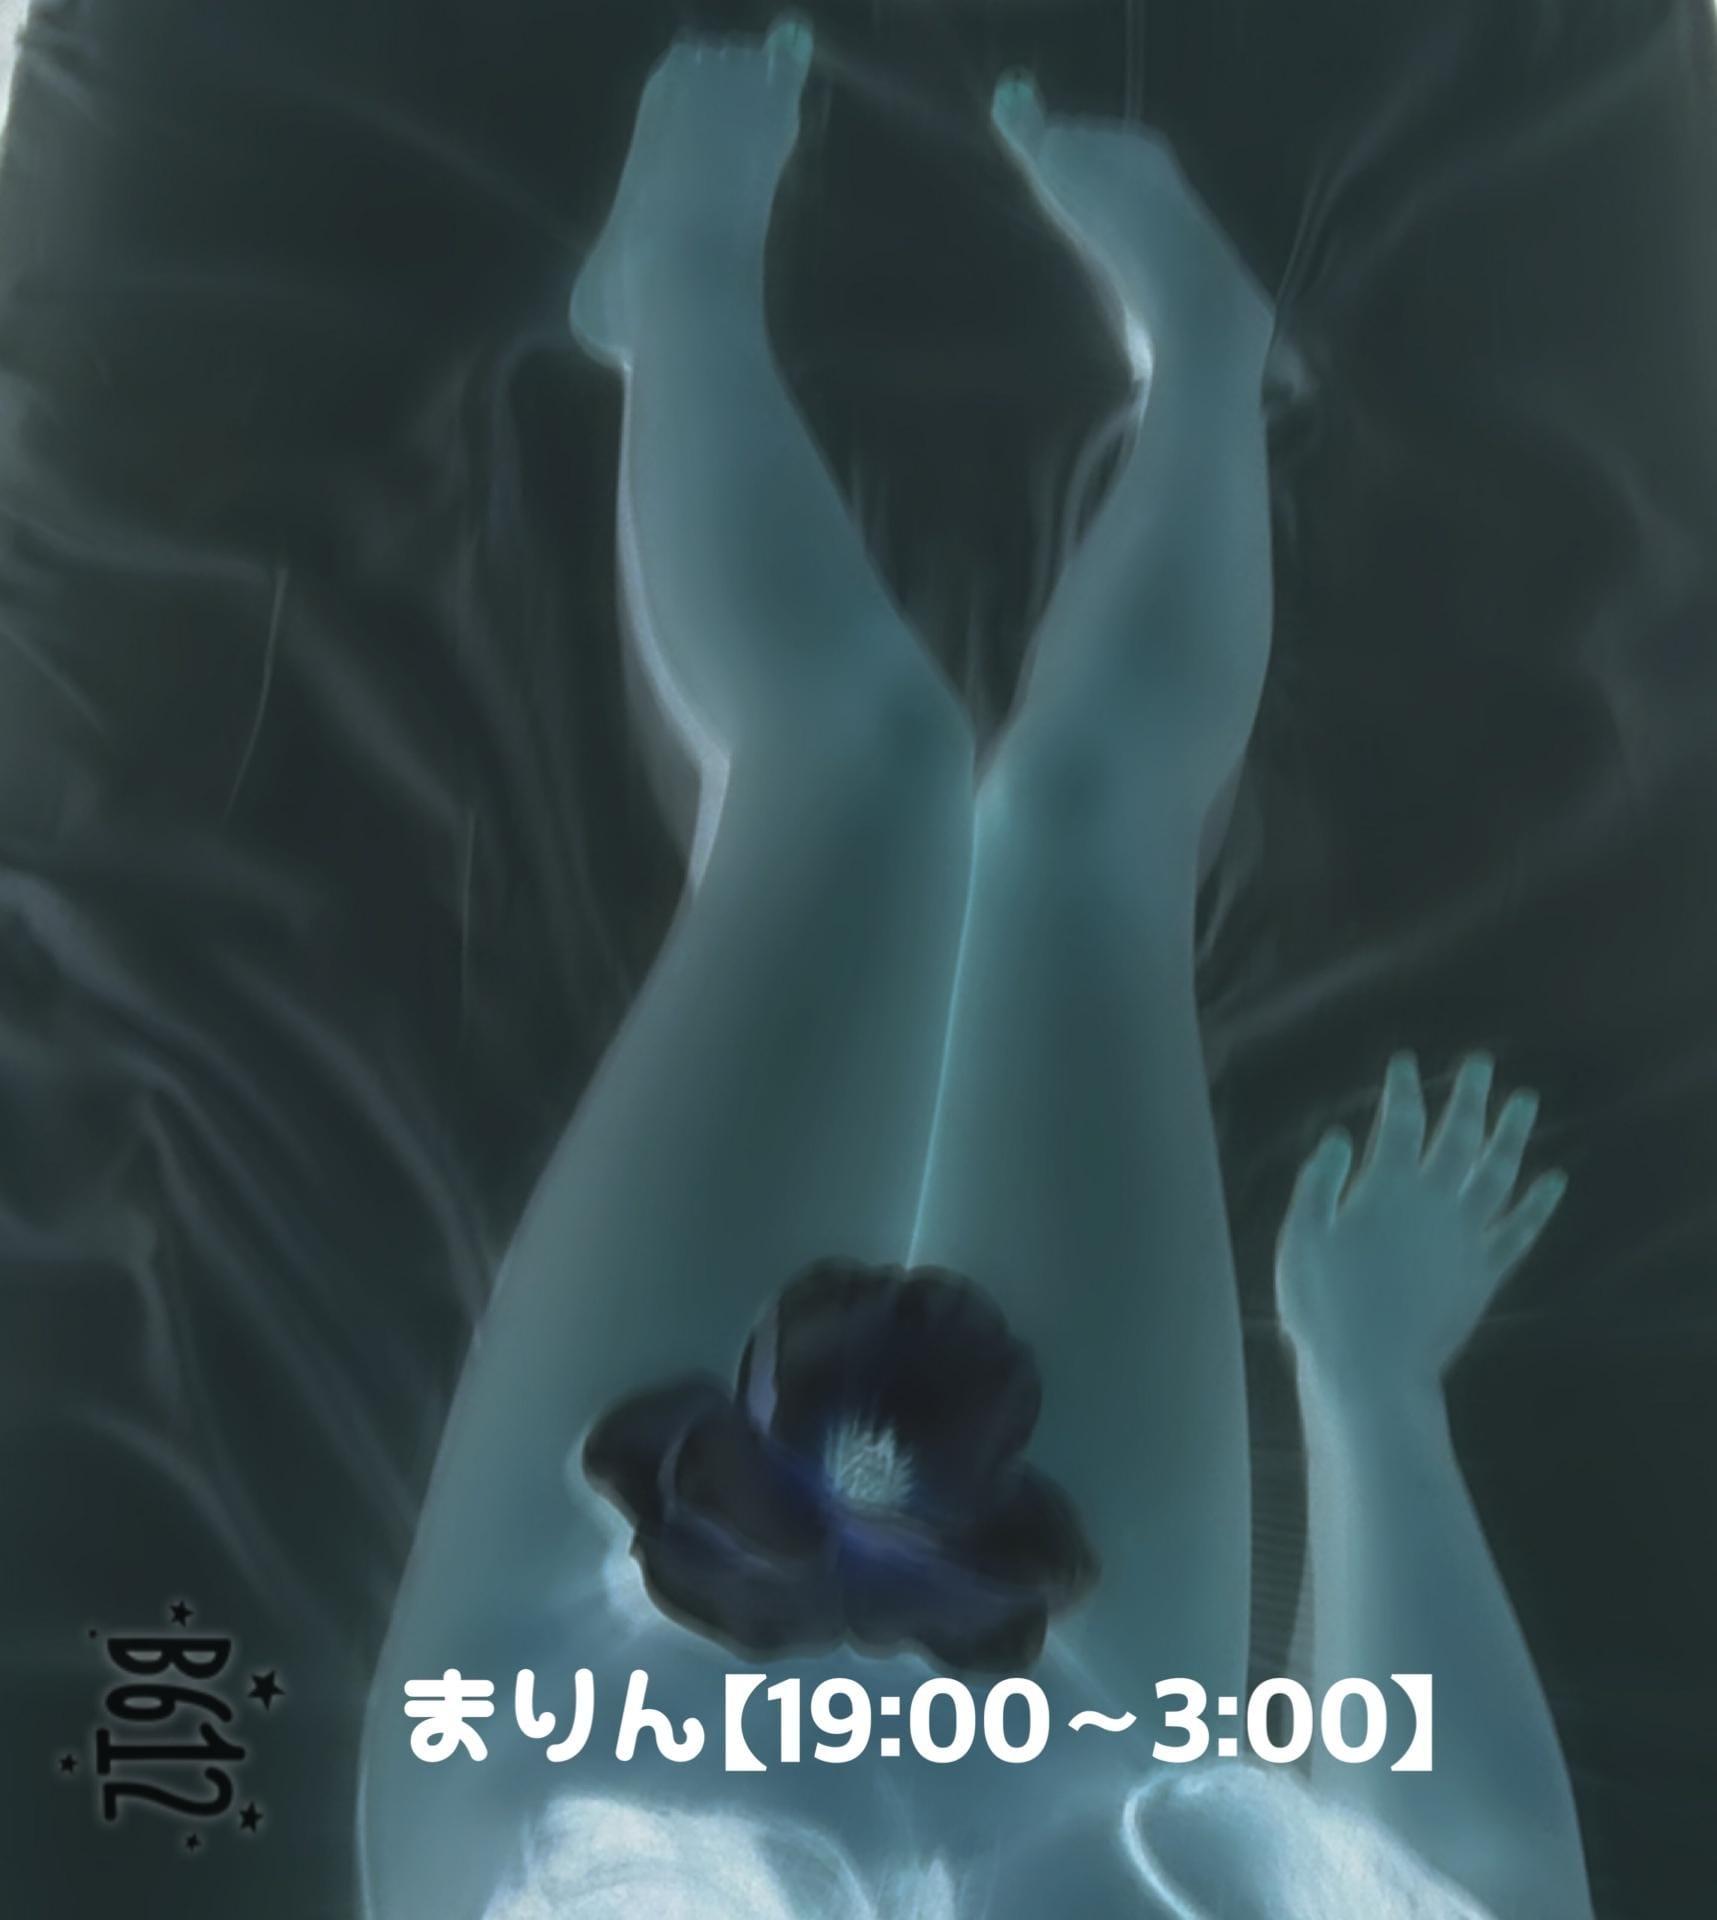 「【まりん】からのアドバイス」09/30(09/30) 16:09 | まりんの写メ・風俗動画